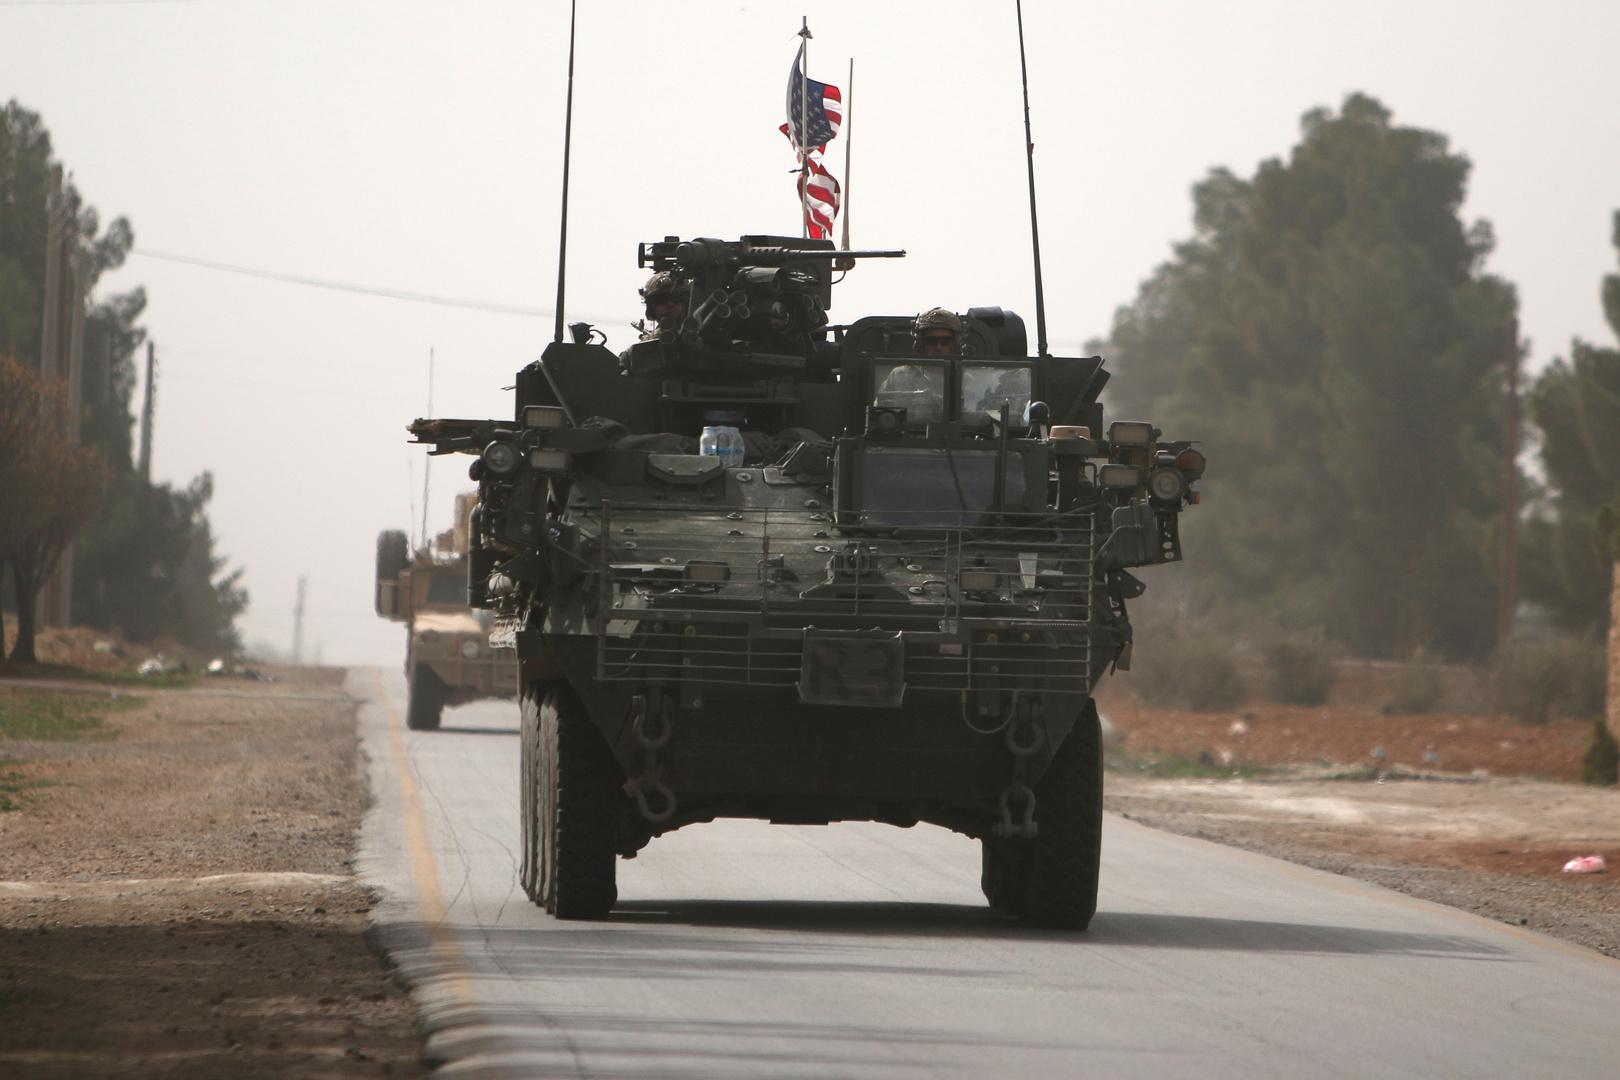 آلية تابعة للجيش الأمريكي تتجه شمال مدينة منبج في محافظة حلب بسوريا